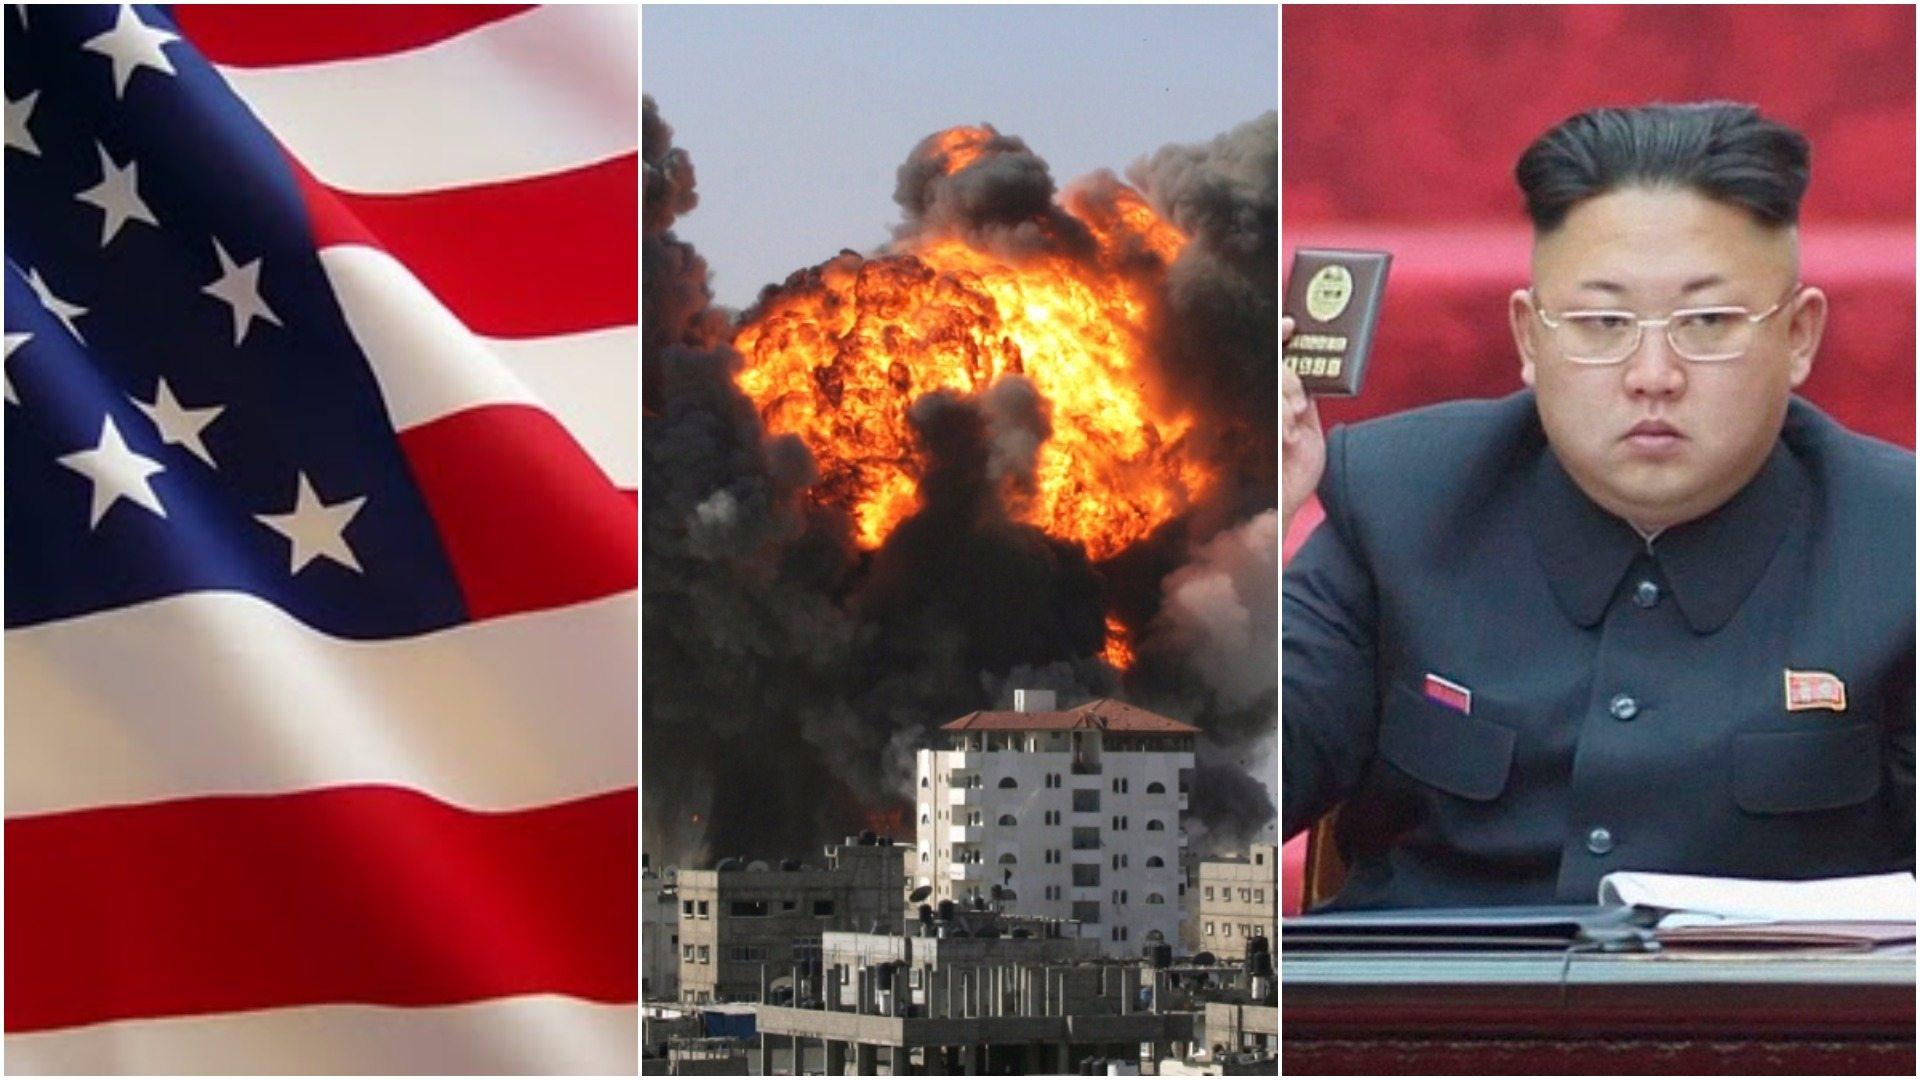 To nie skończy się dobrze. USA przygotowuje się do prewencyjnego ataku na Koreę Północną